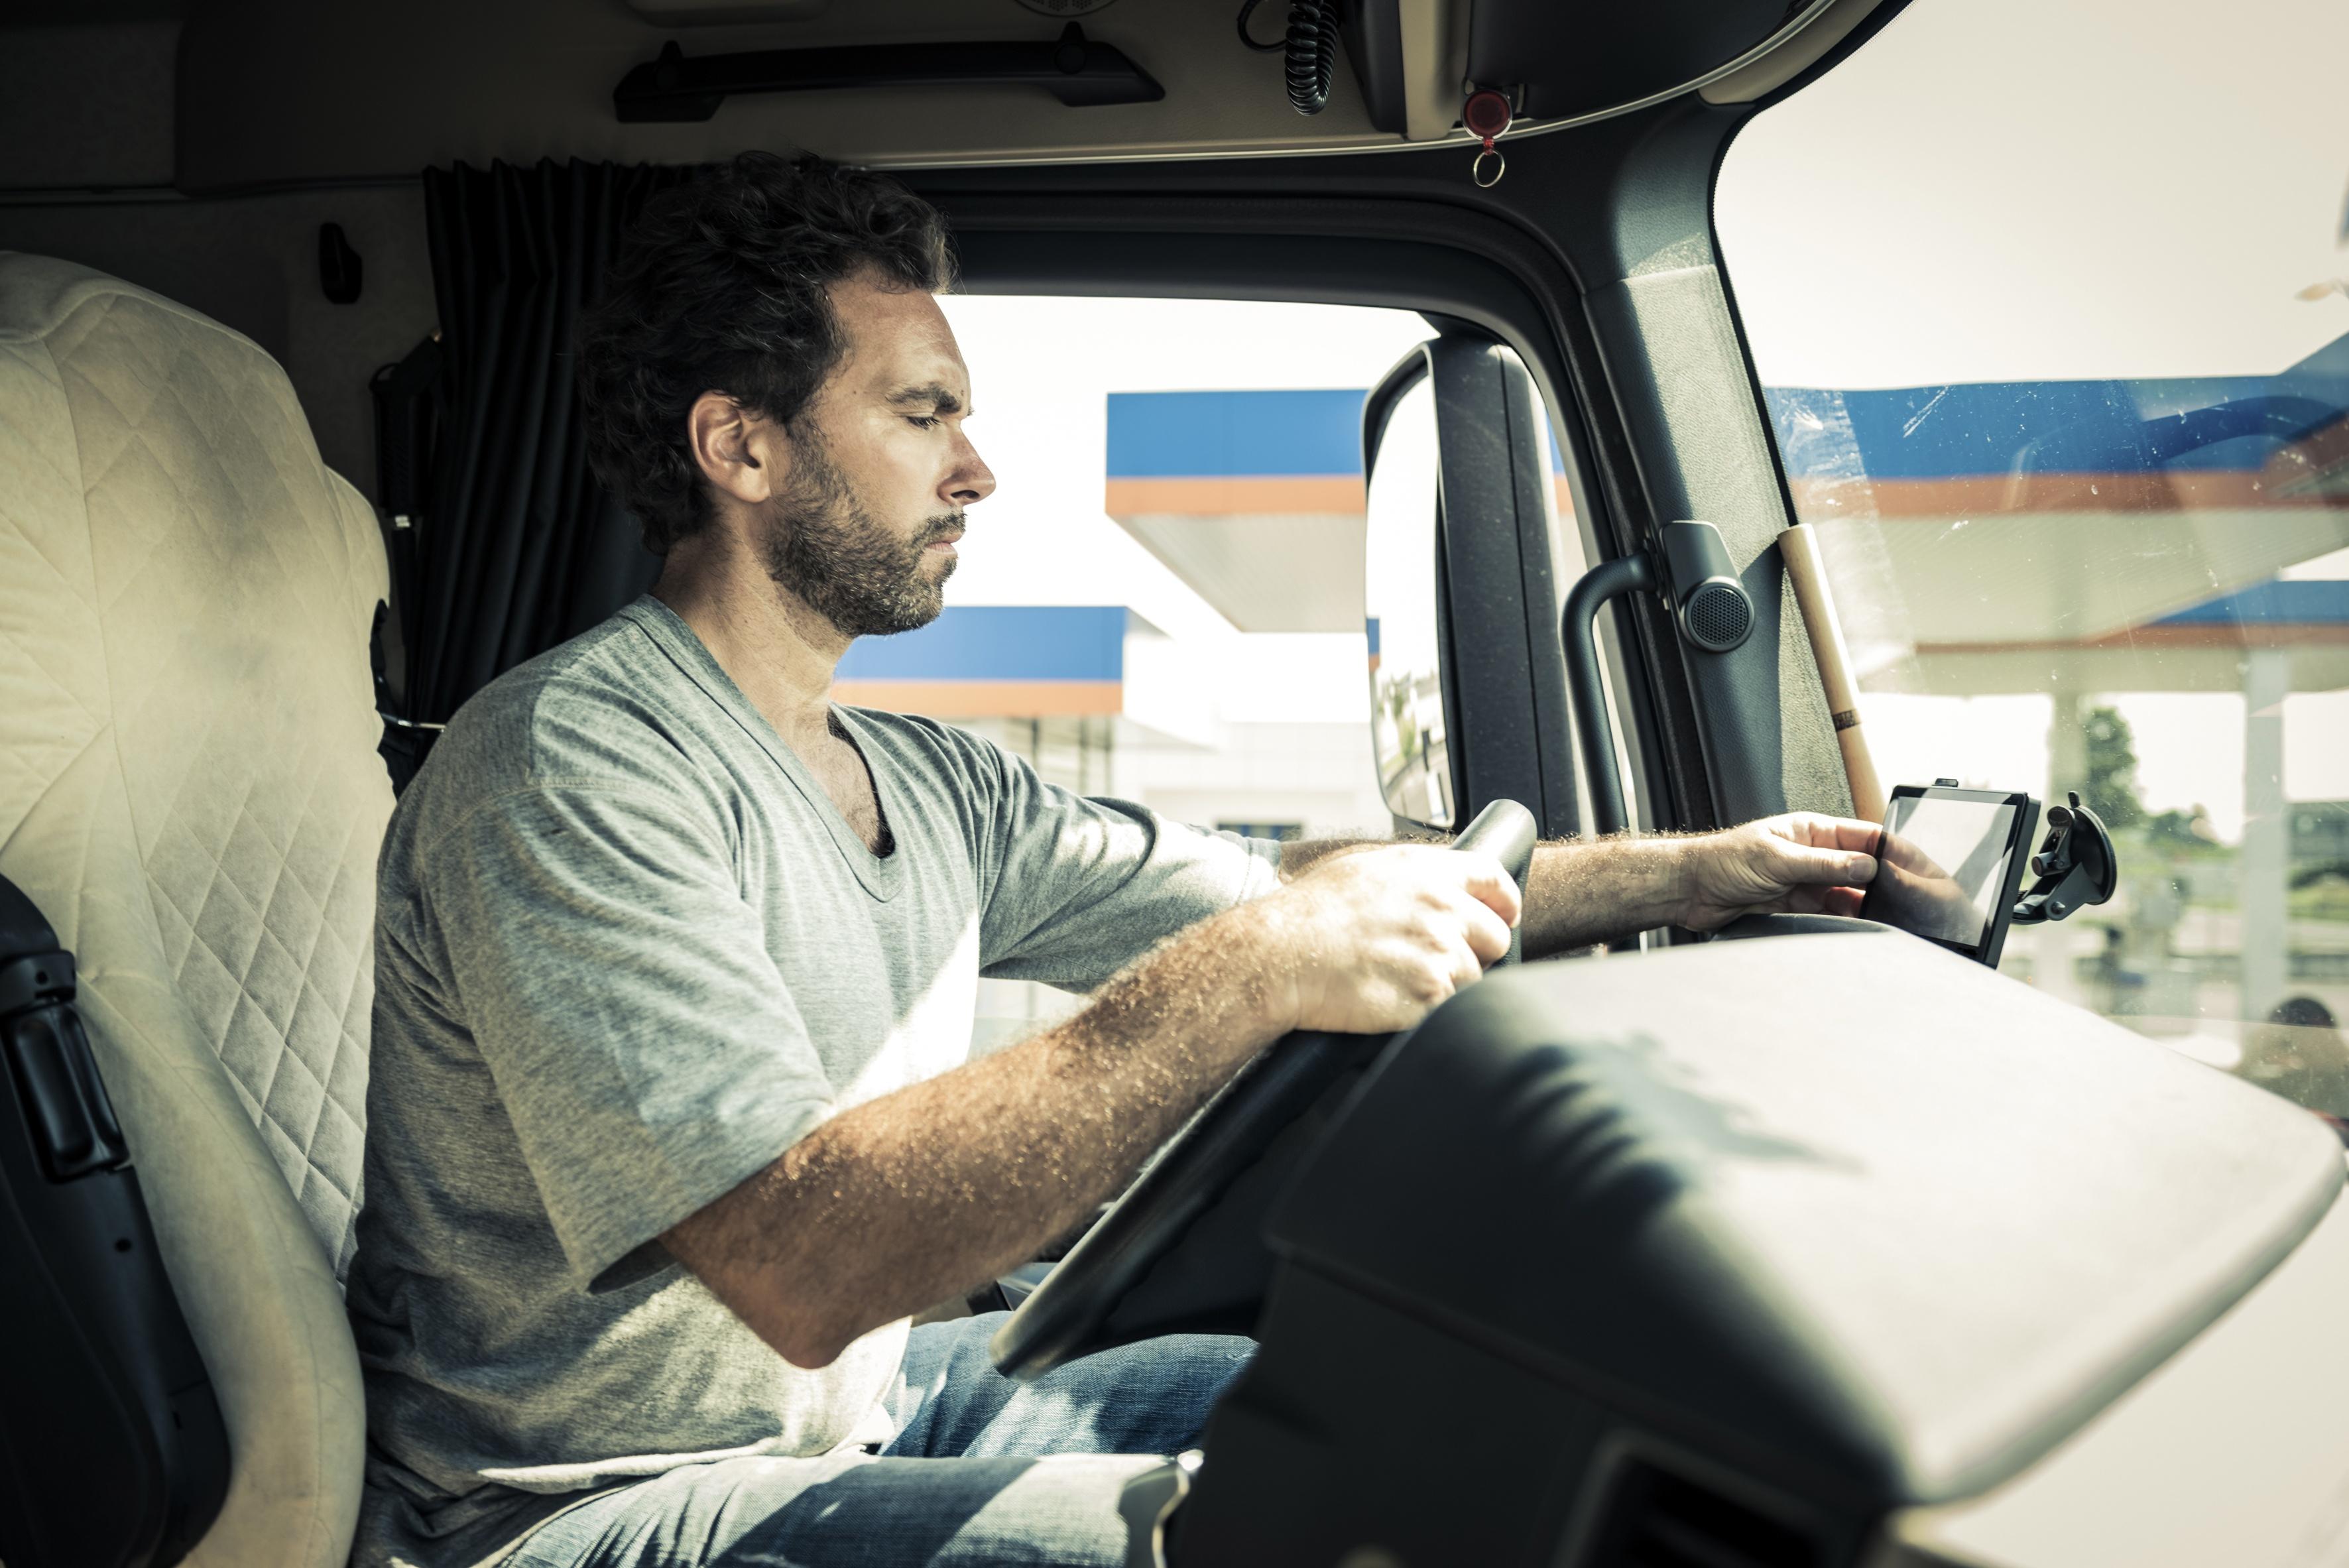 Trucker using E-Log on tablet